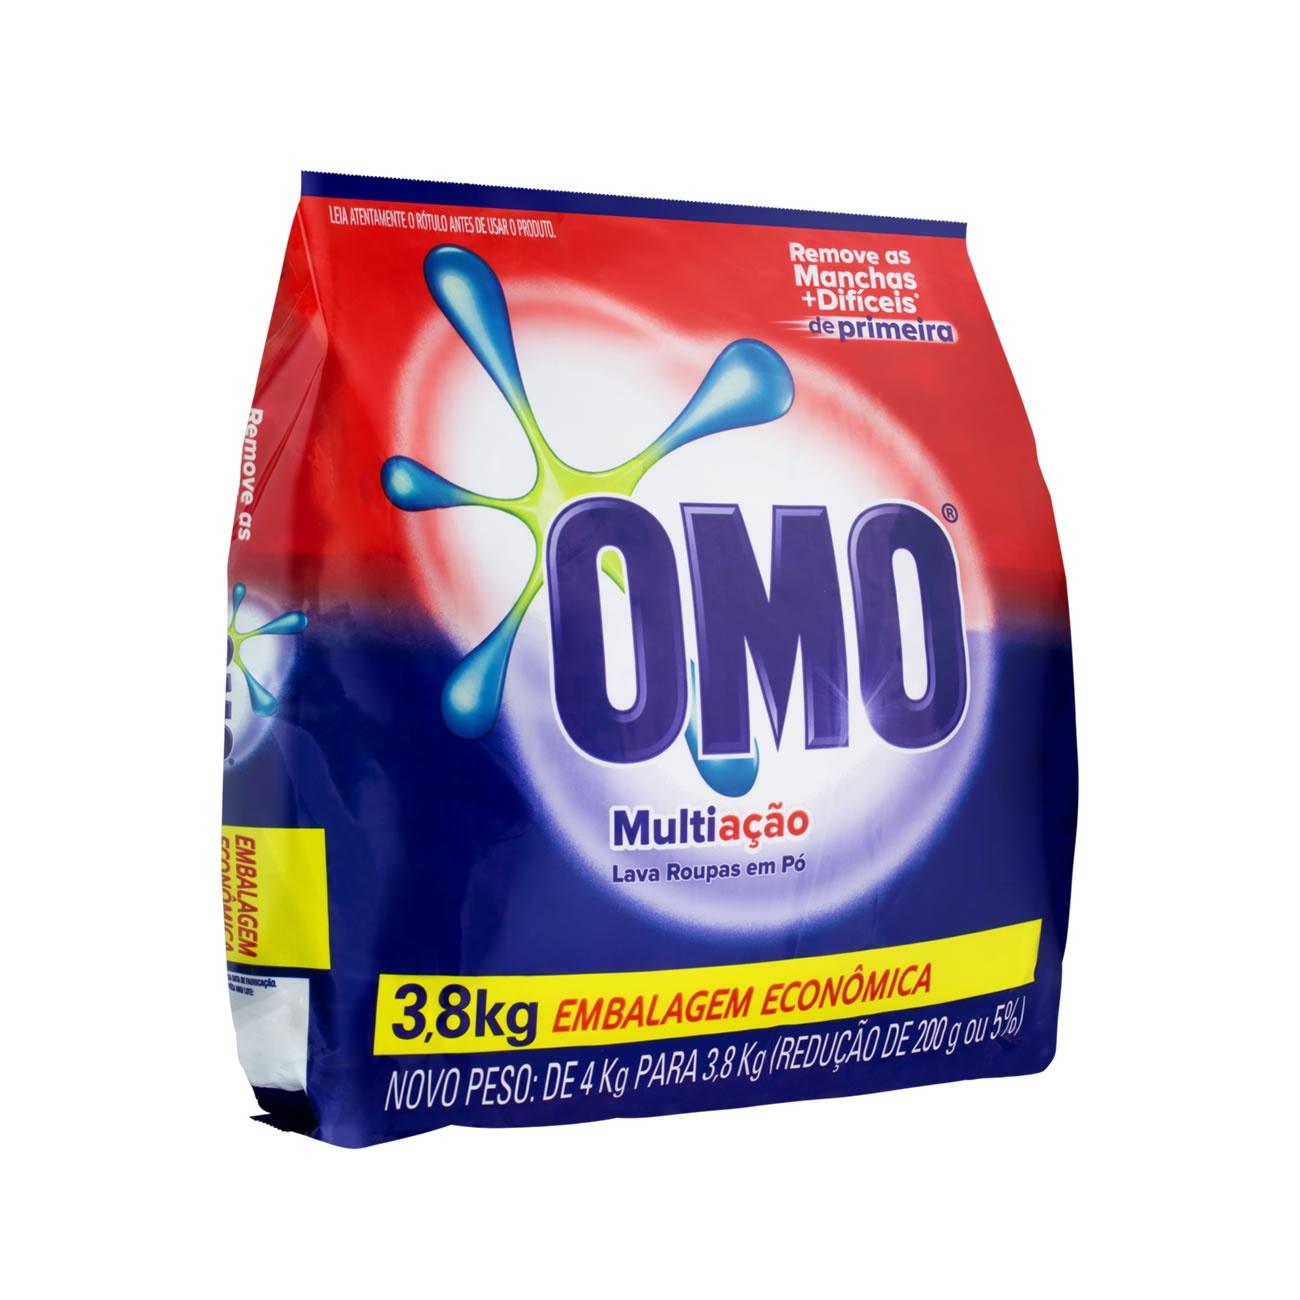 Detergente em Po Omo Multiacao 3,8 Kg